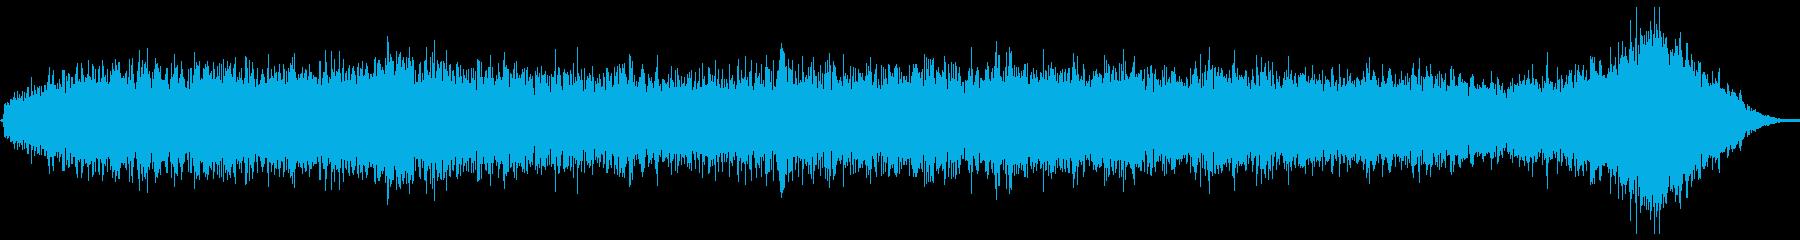 ヒューシュフランジエアーピッチの再生済みの波形